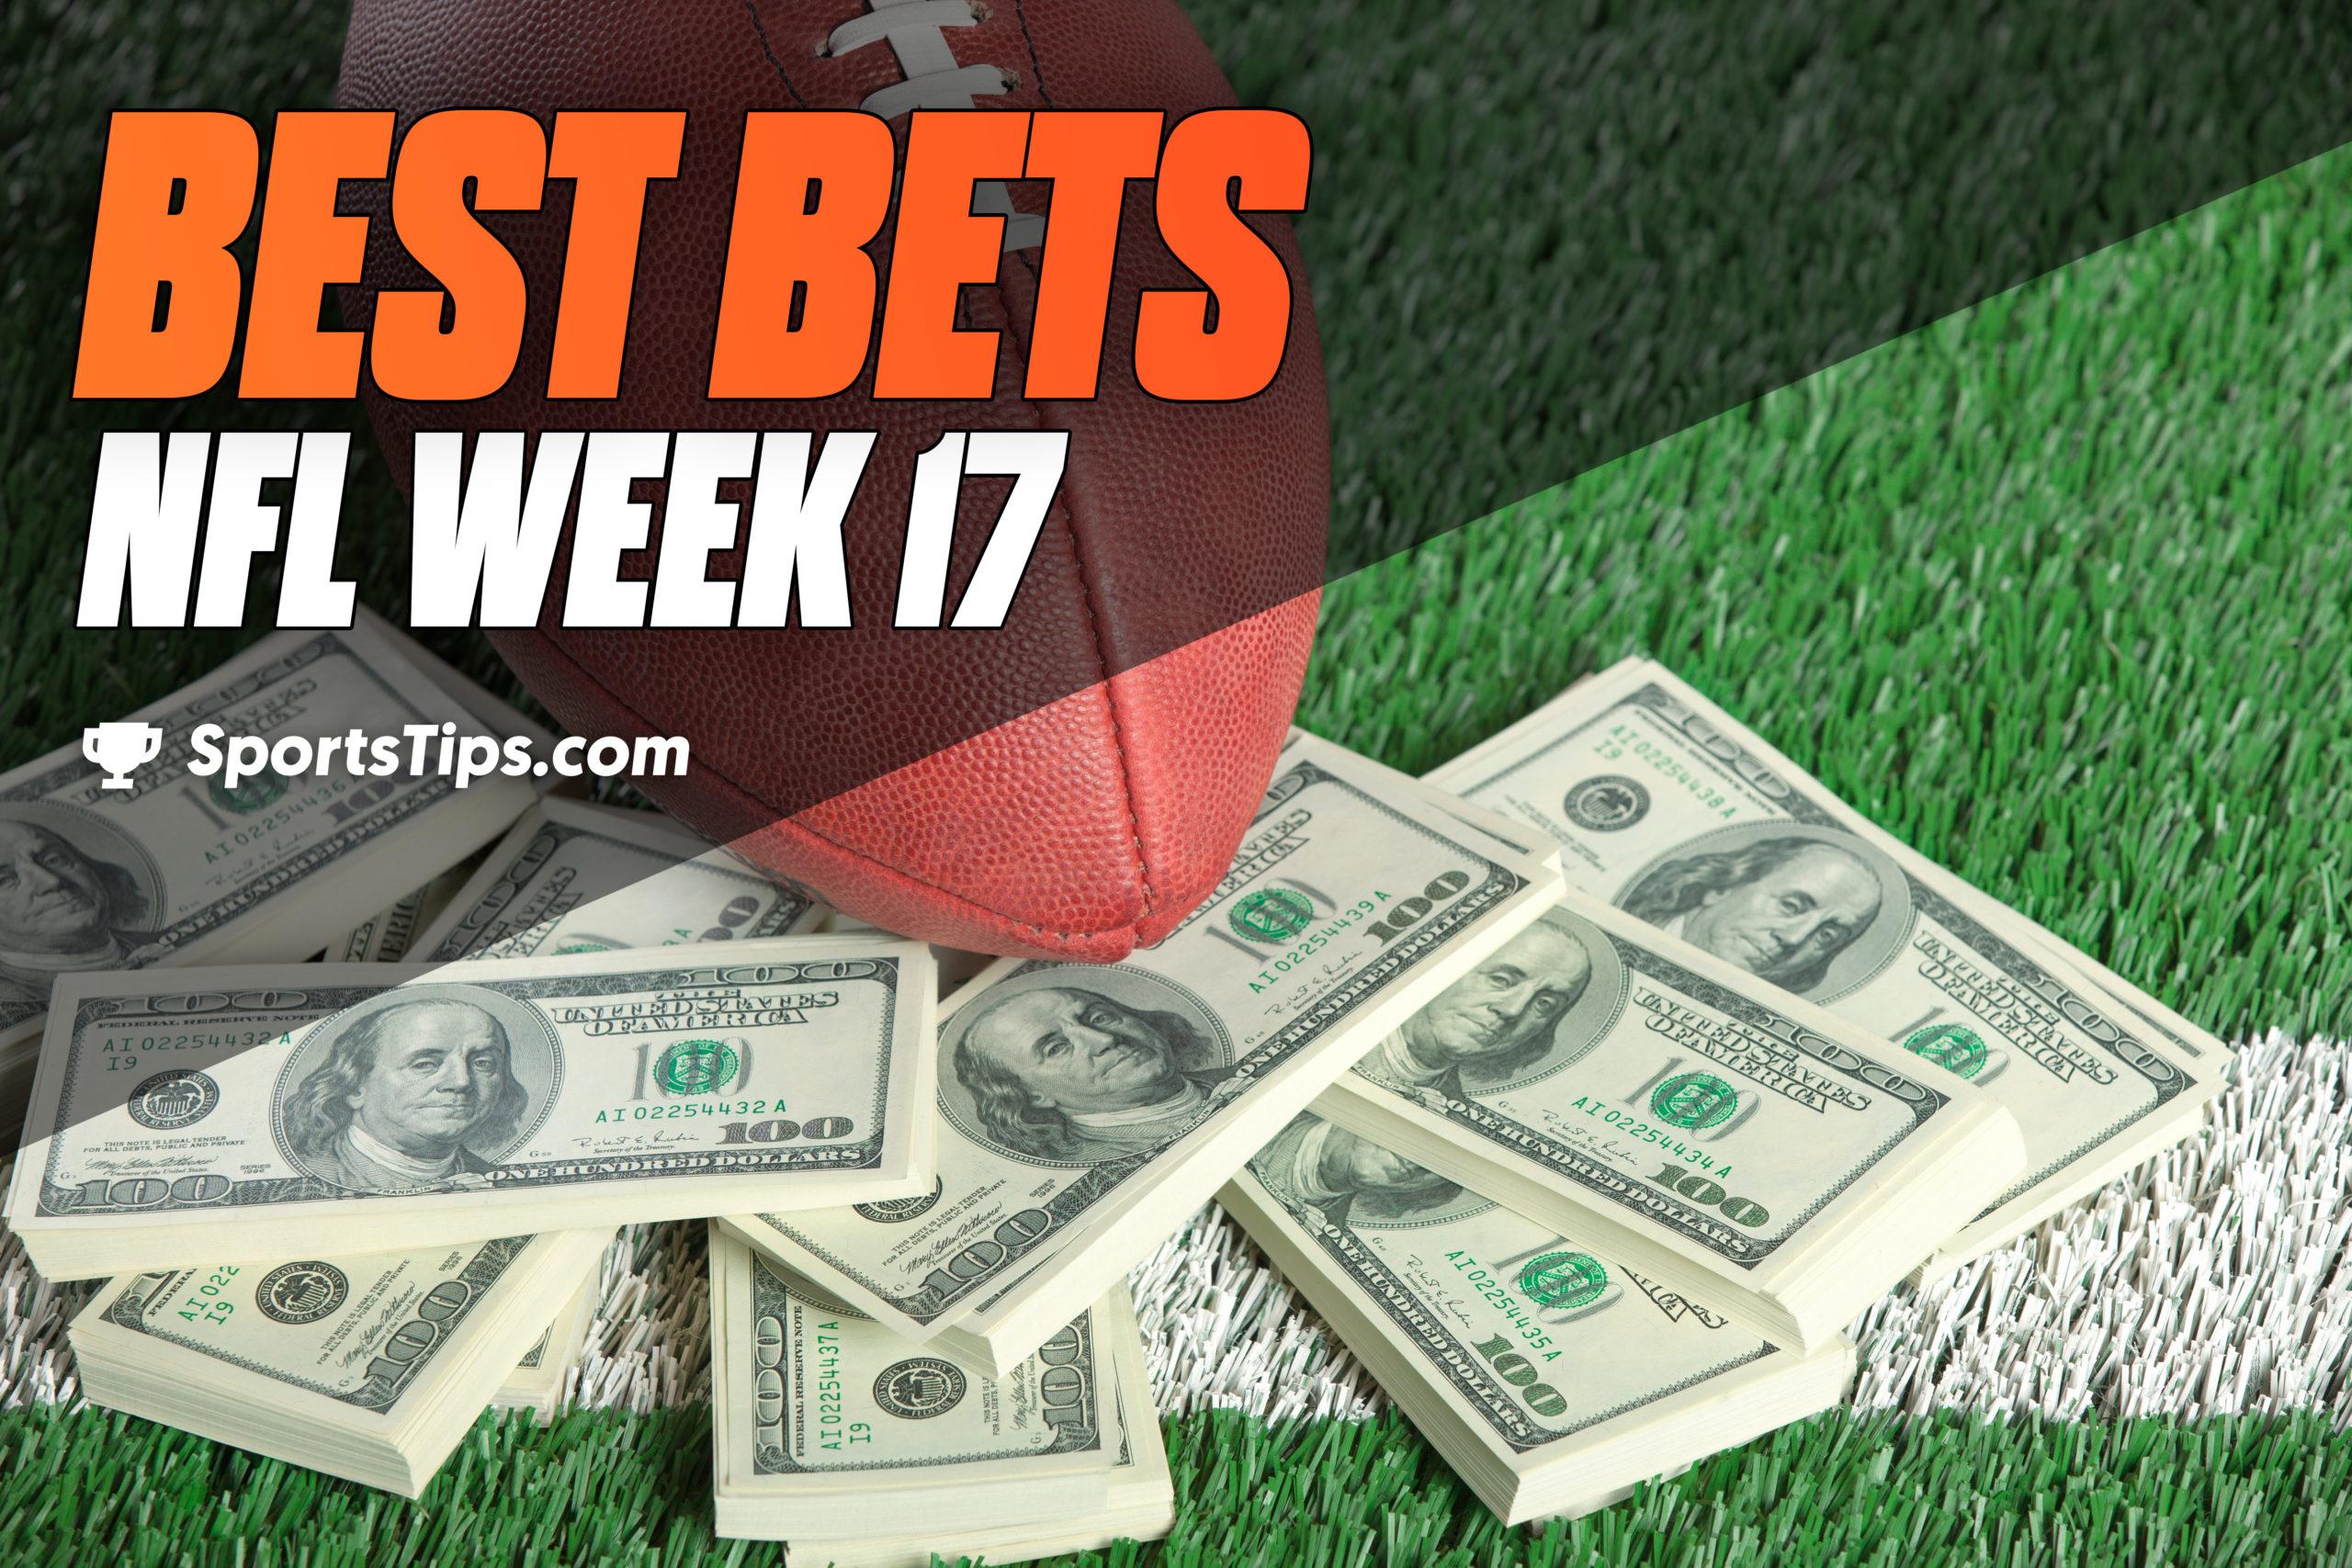 SportsTips' NFL Best Bets For Week 17